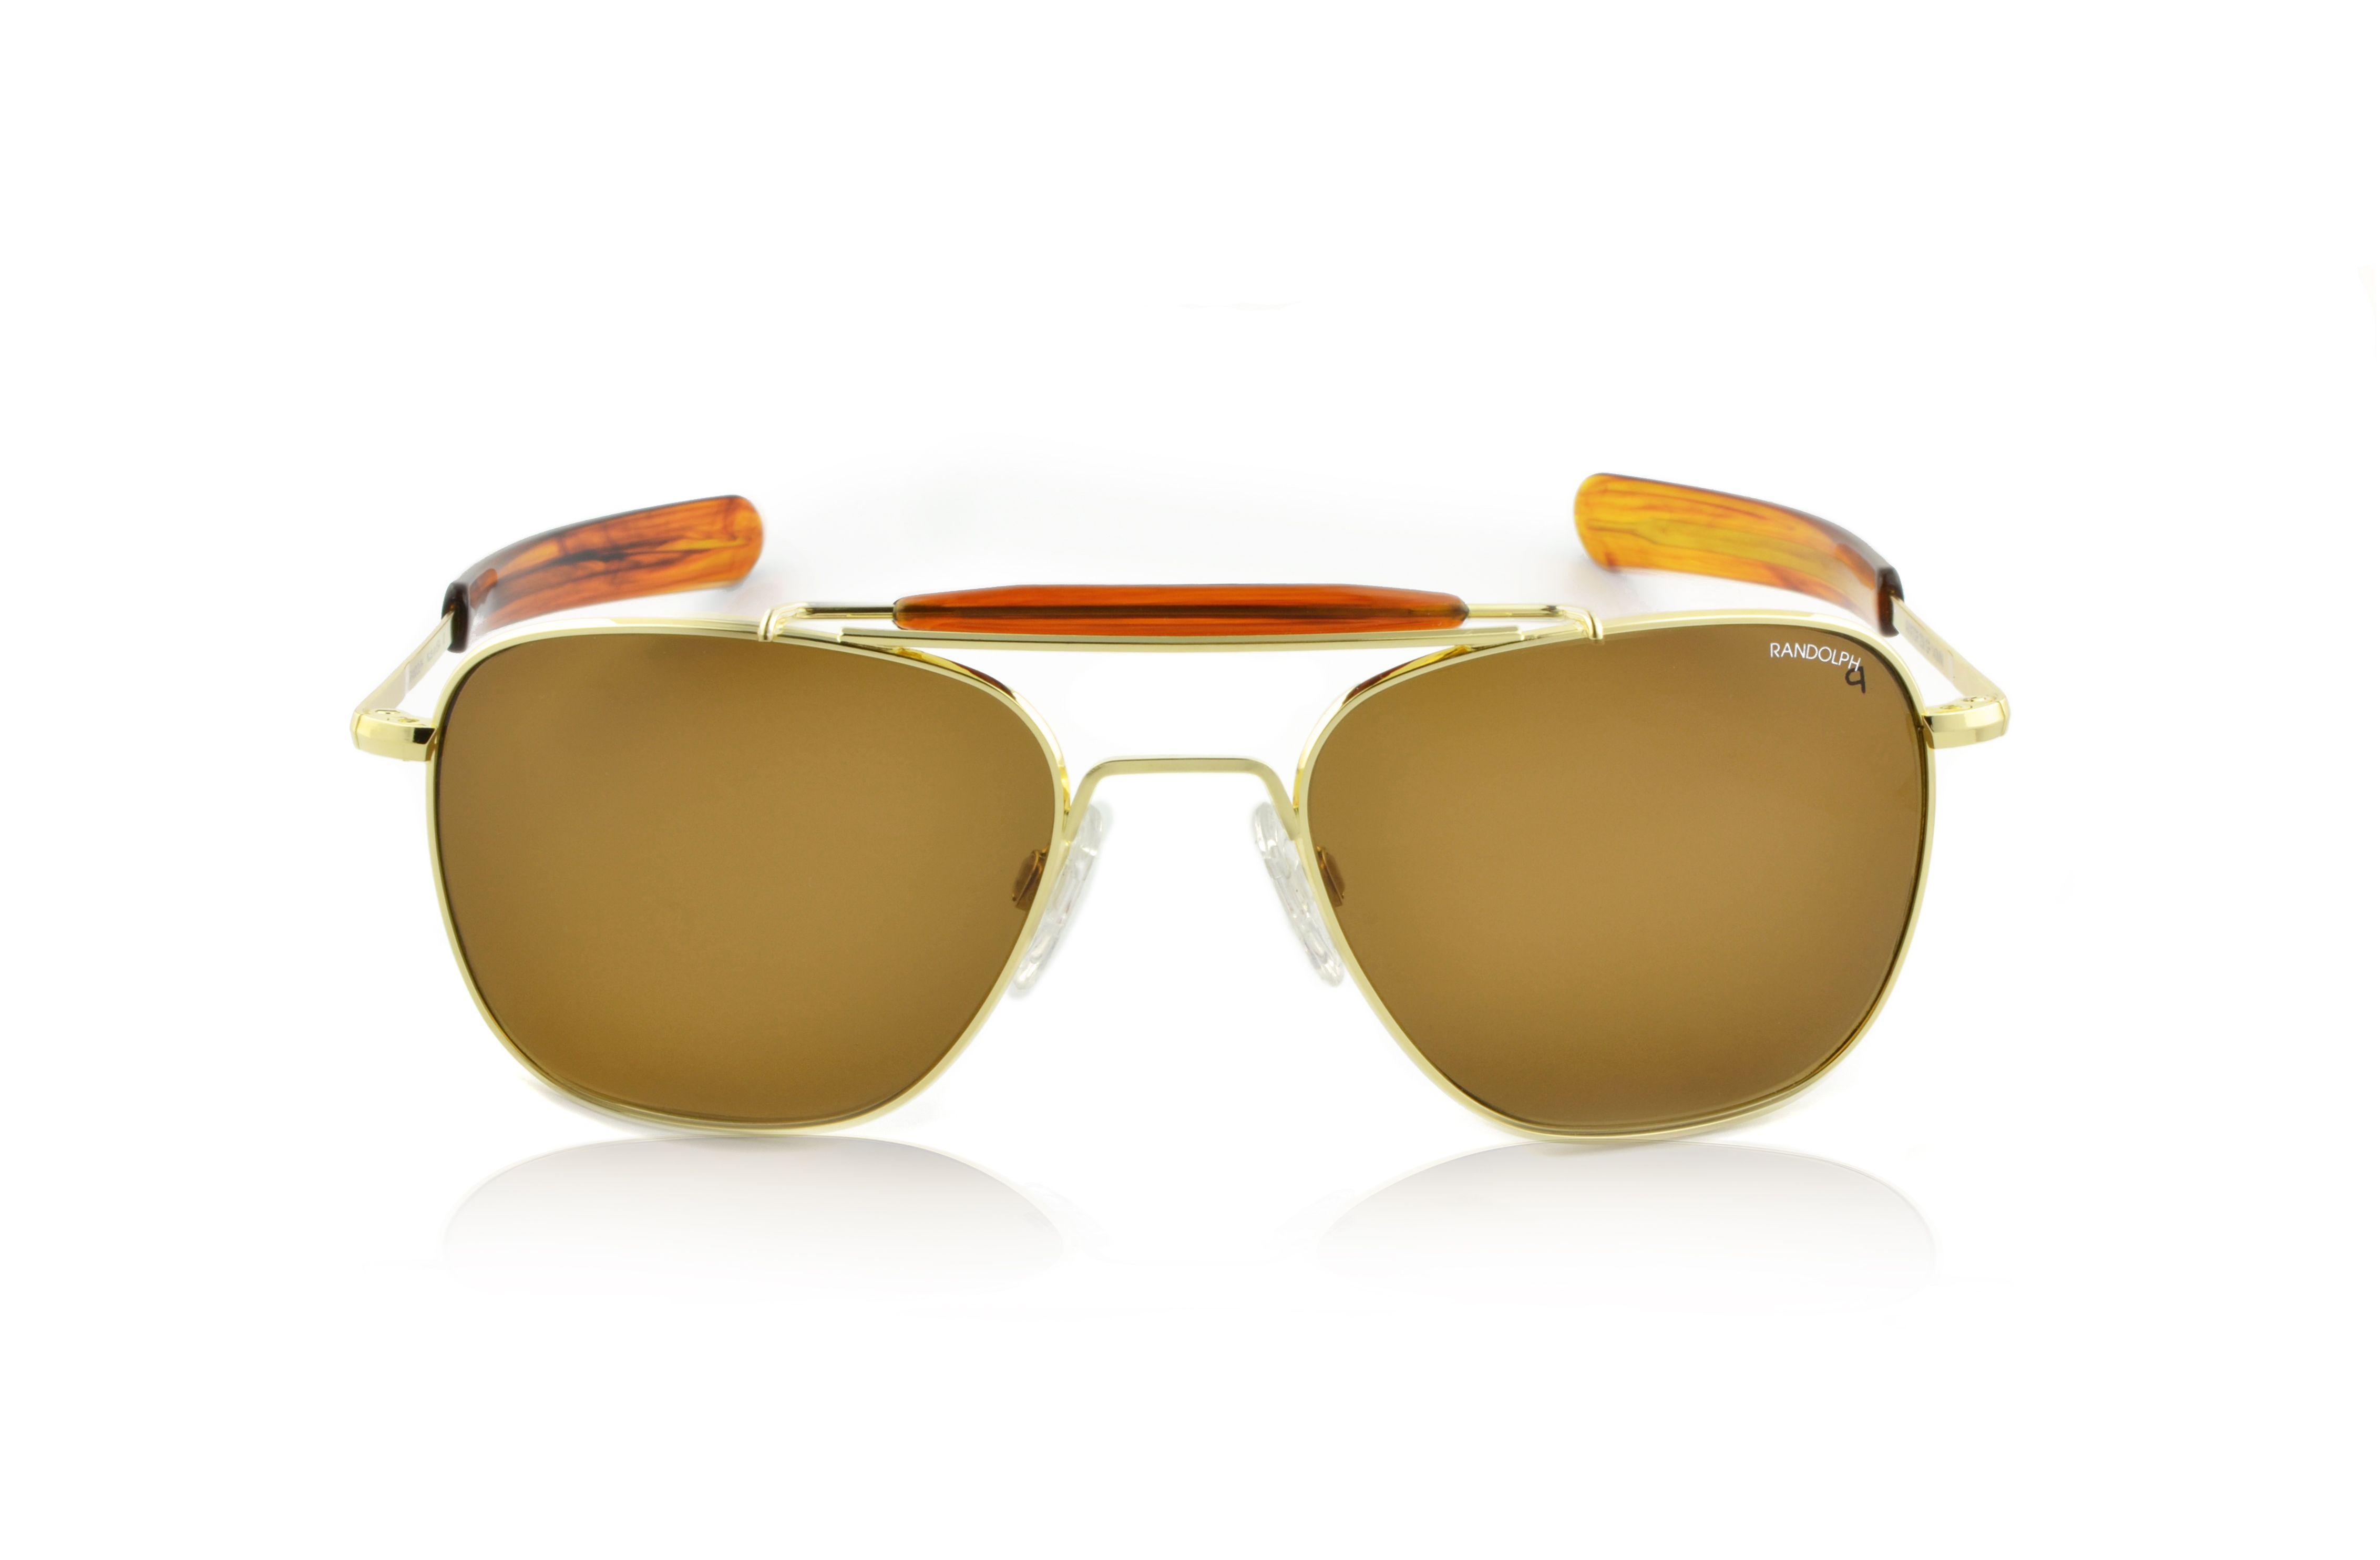 0d24b4b796 The Aviator II  RandolphUSA  Aviators  Sunglasses  MadeInAmerica ...